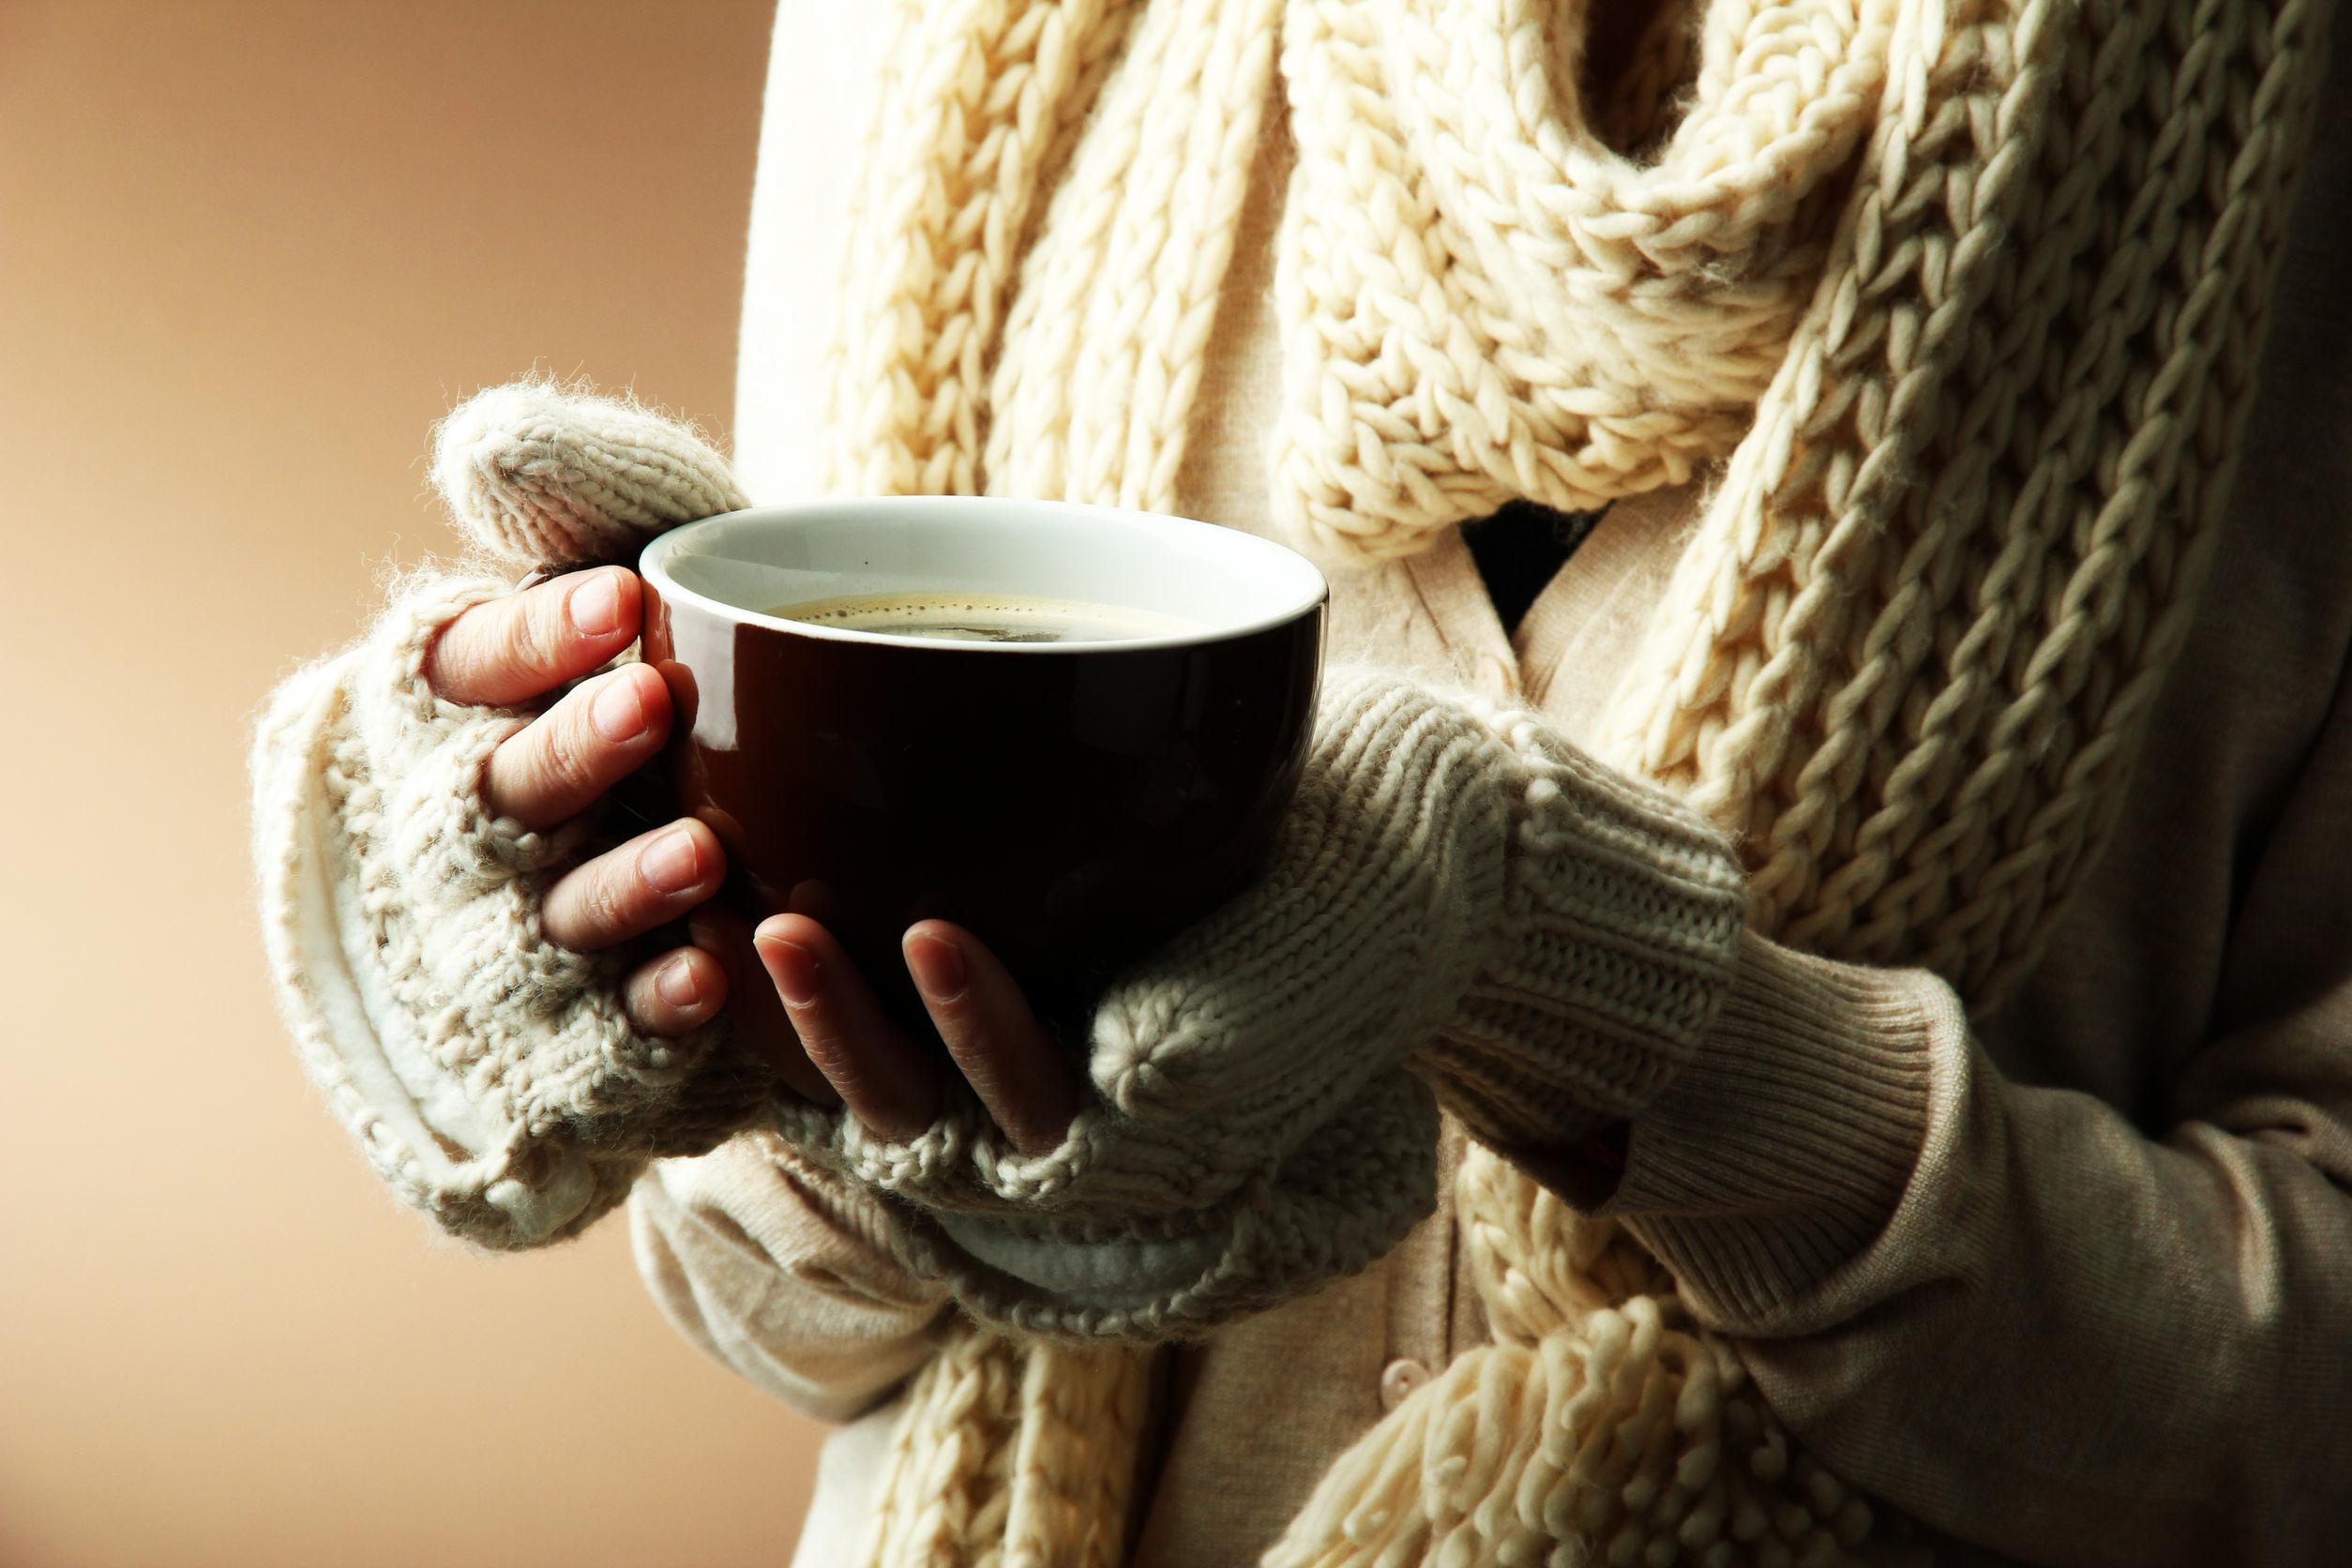 Чашка с кофе в руках